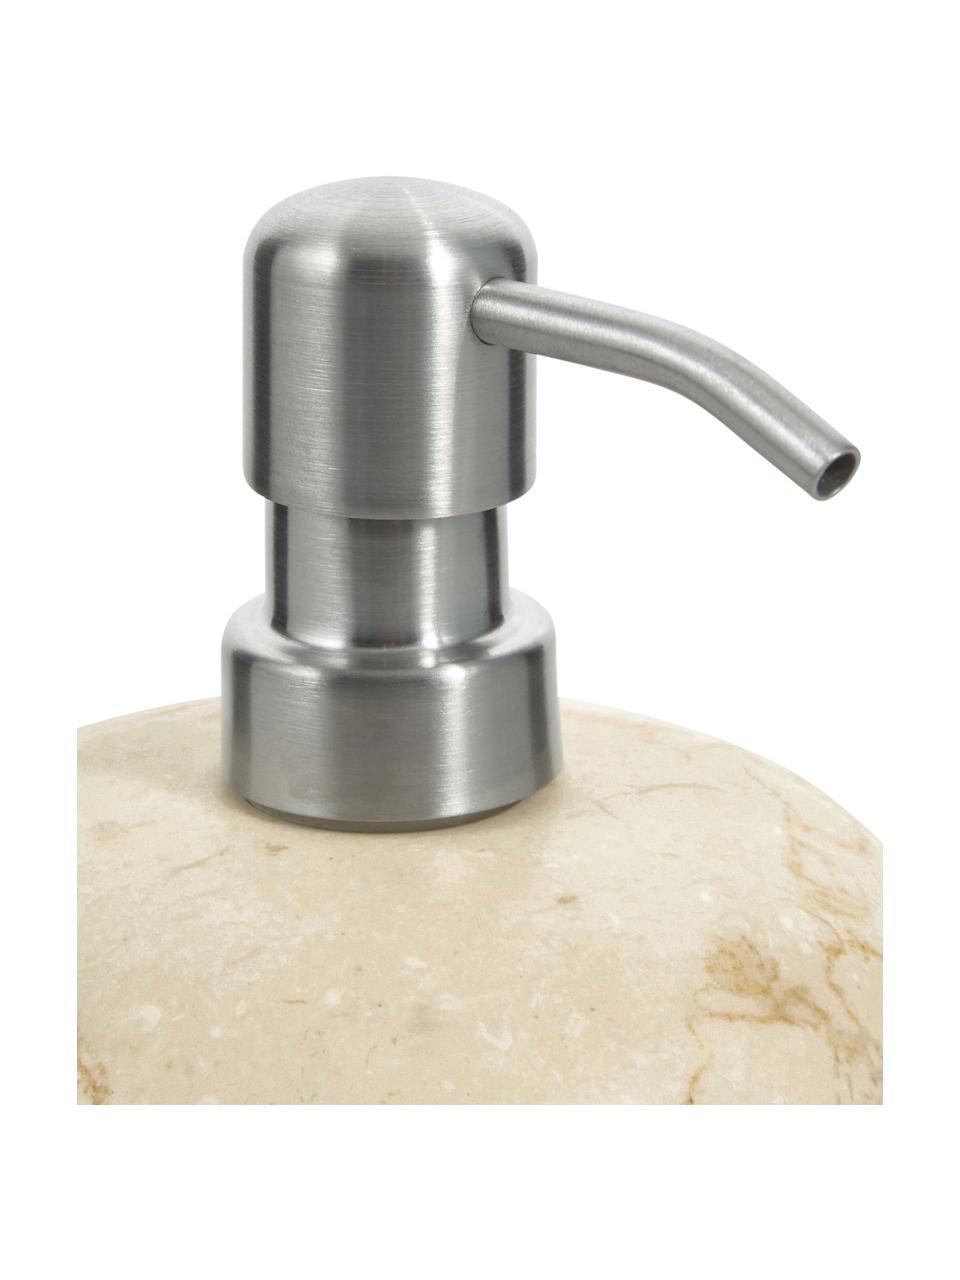 Marmor-Seifenspender Luxor, Pumpkopf: Rostfreier Stahl, Beige, Stahl, Ø 12 x H 13 cm